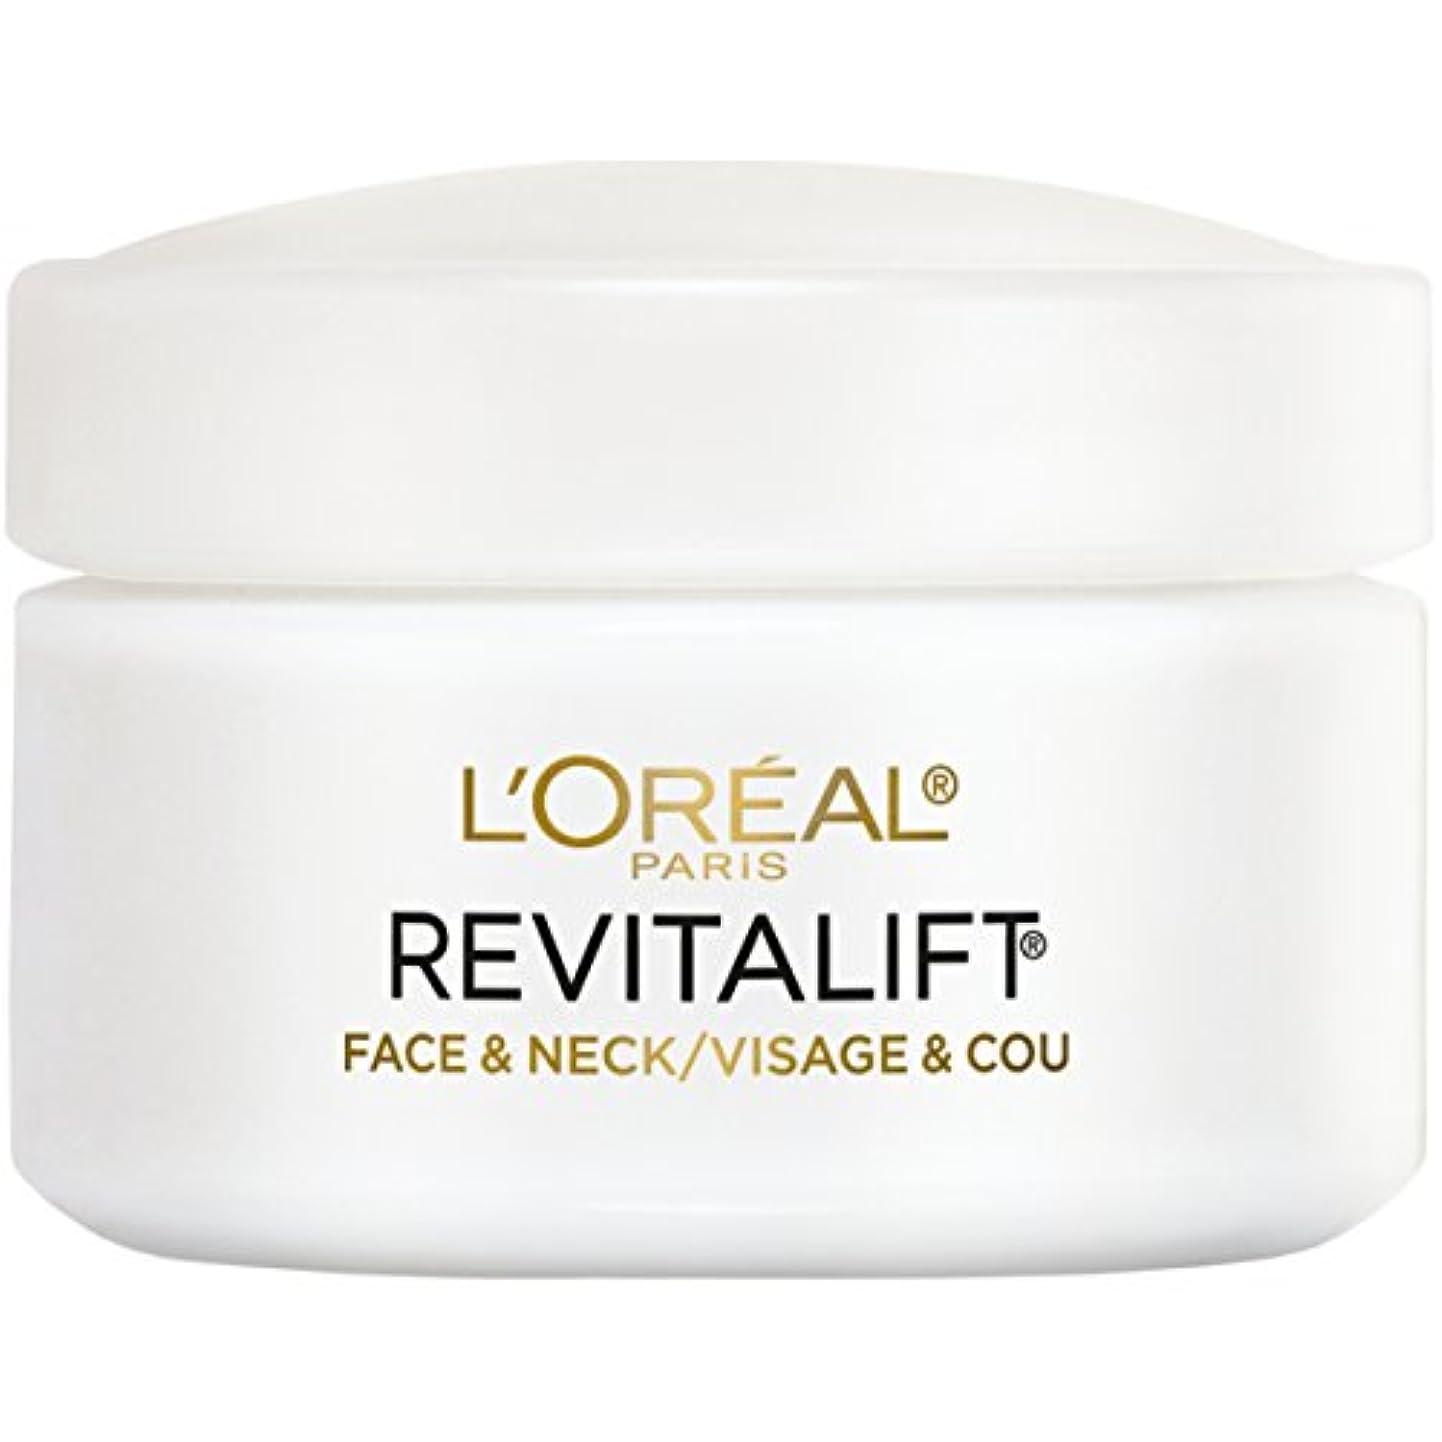 市の中心部国勢調査プレーヤーL'Oreal Paris Advanced RevitaLift Face and Neck Day Cream, 1.7 Ounce (並行輸入品)